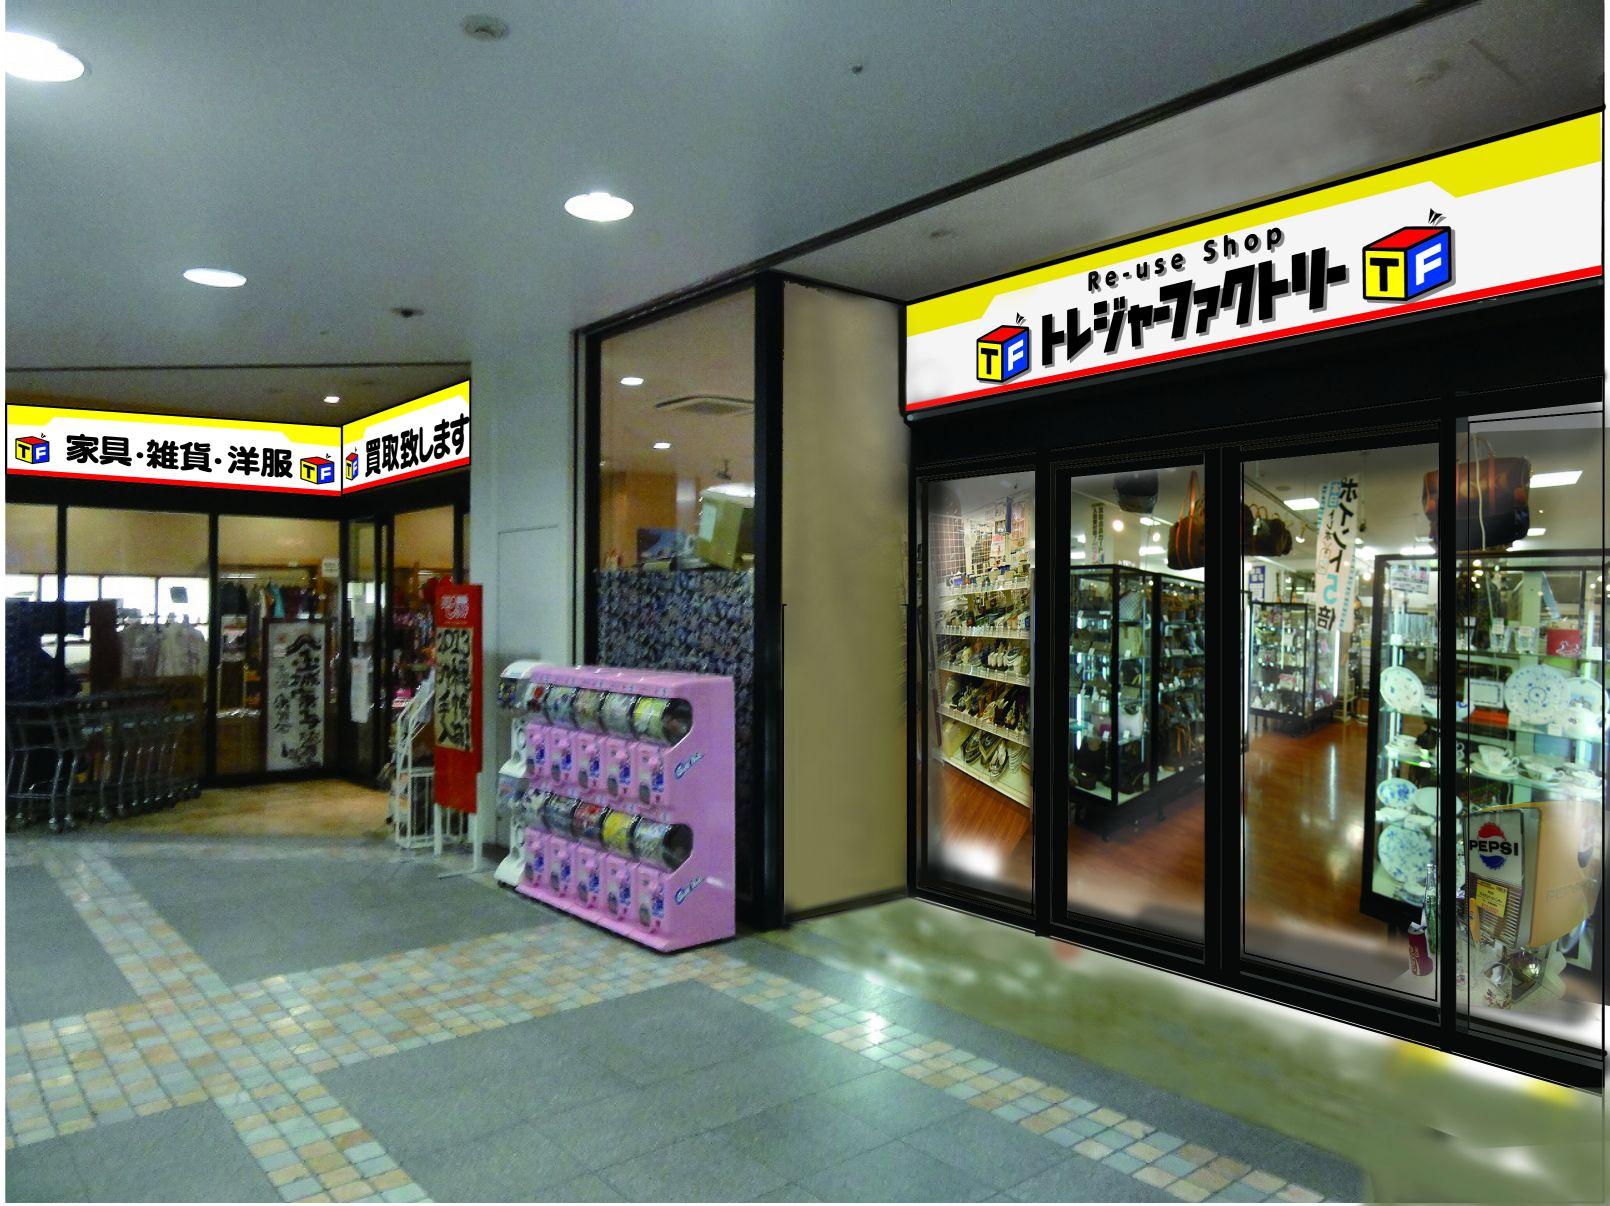 関西初出店 トレジャーファクトリー神戸新長田店 明日5月25日オープン!